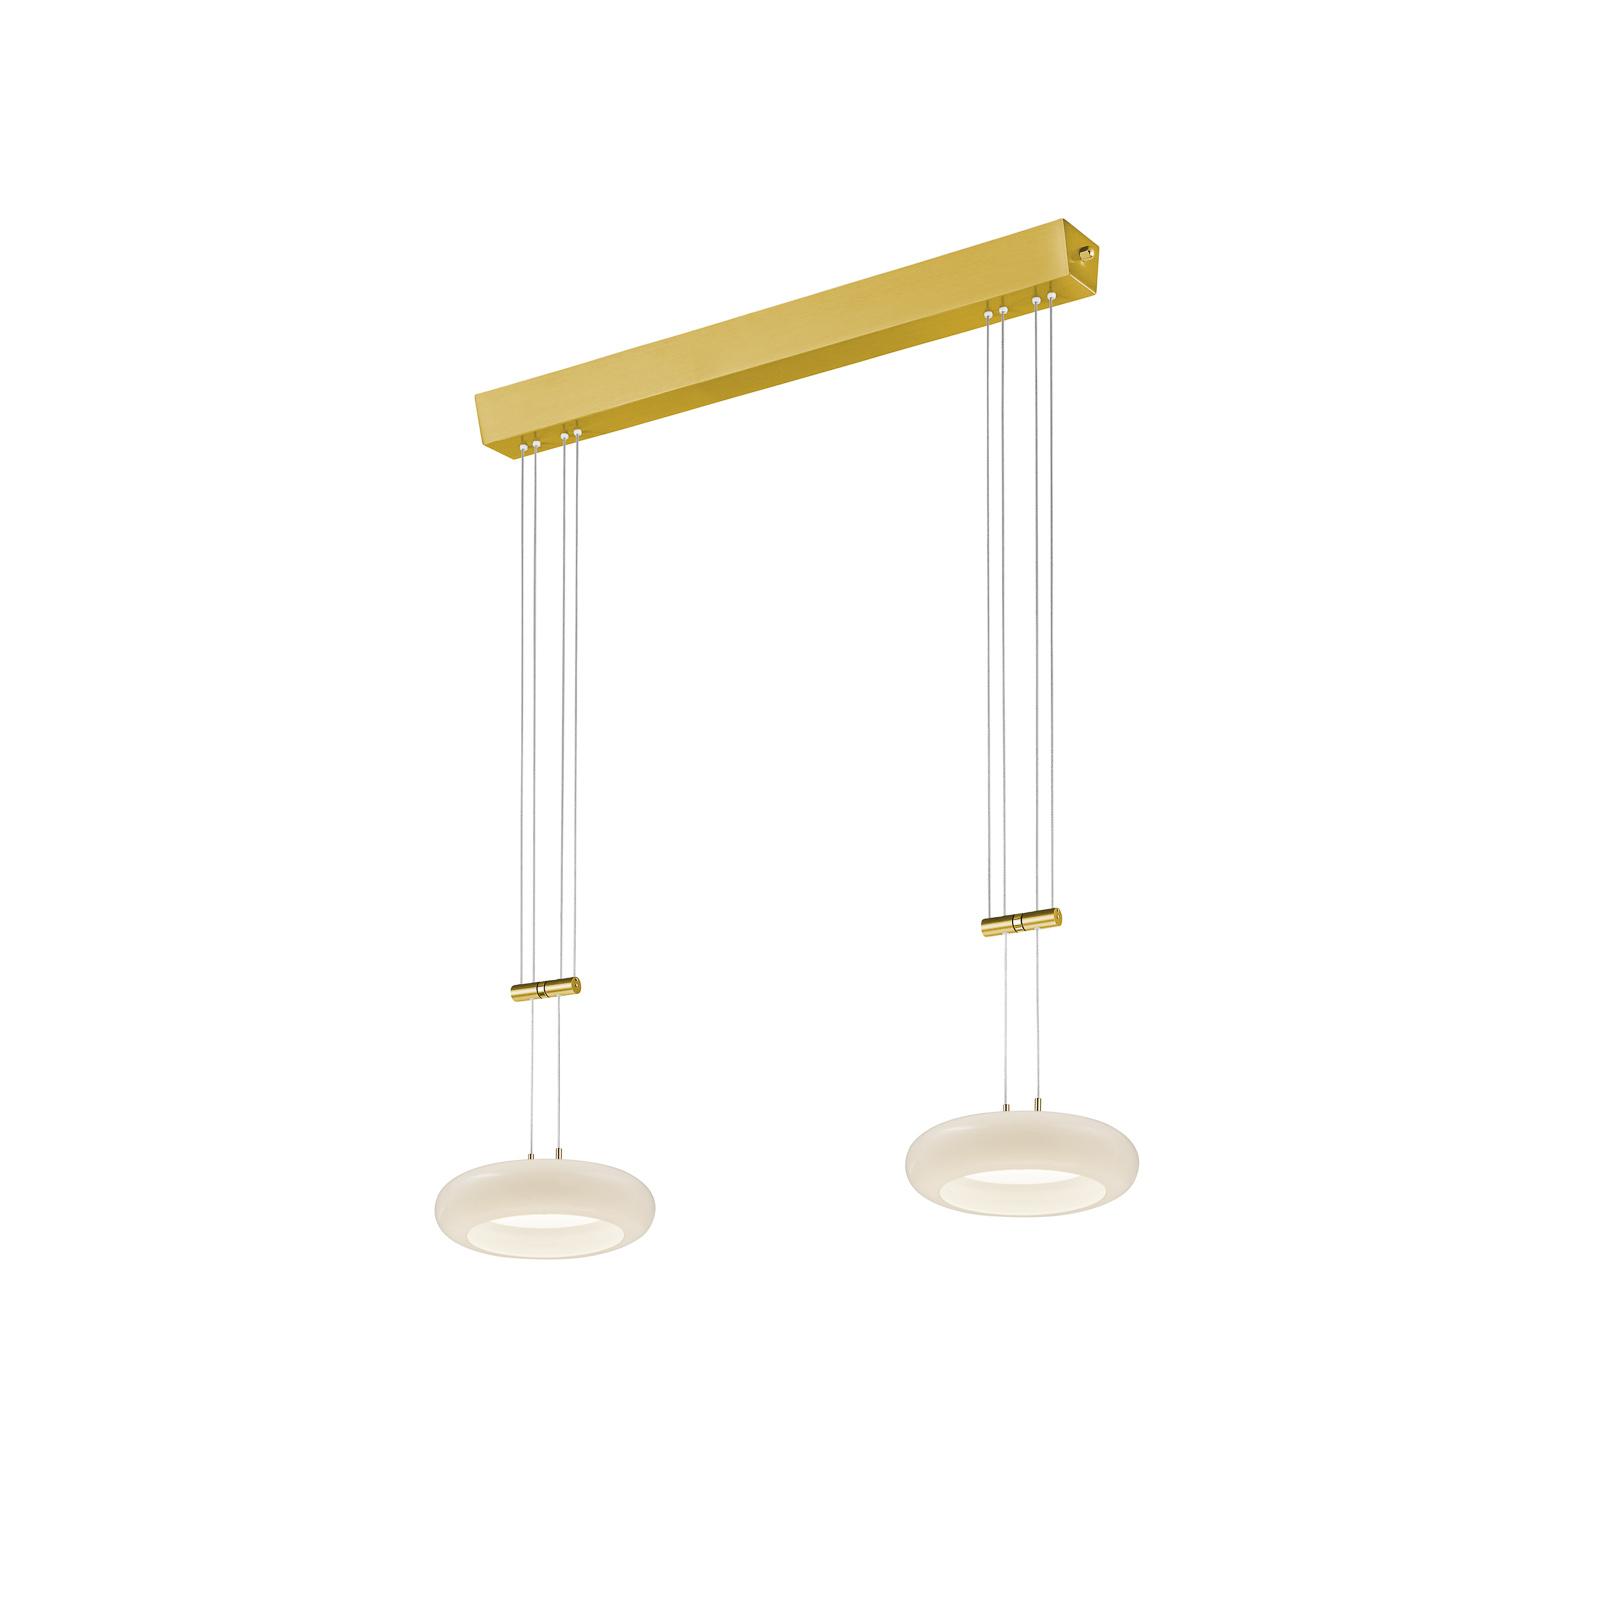 BANKAMP Centa hængelampe, 2 lyskilder, messing